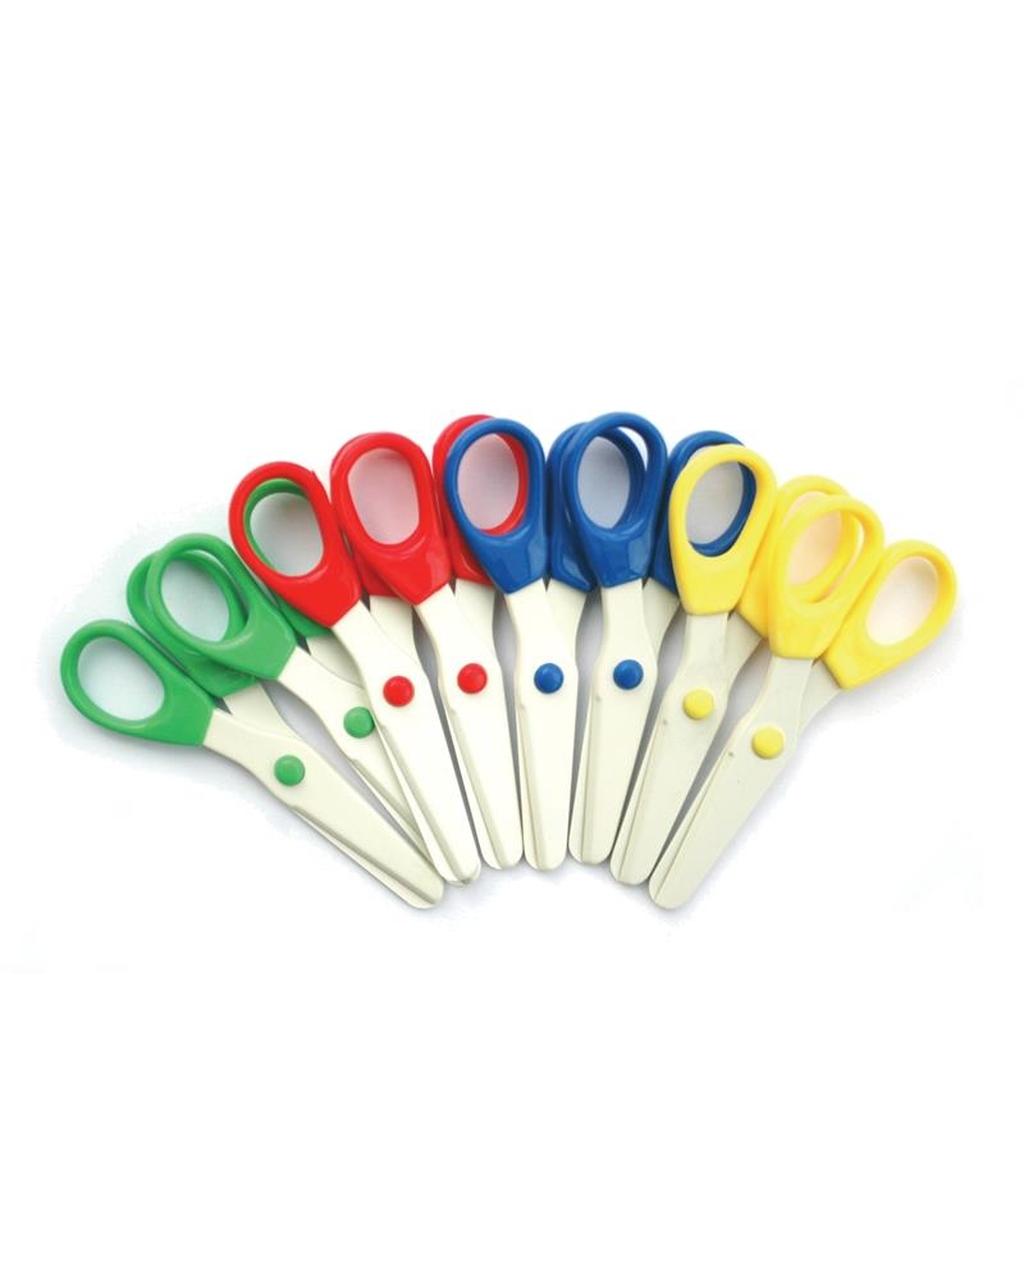 Childrens Safety Scissors 120mm